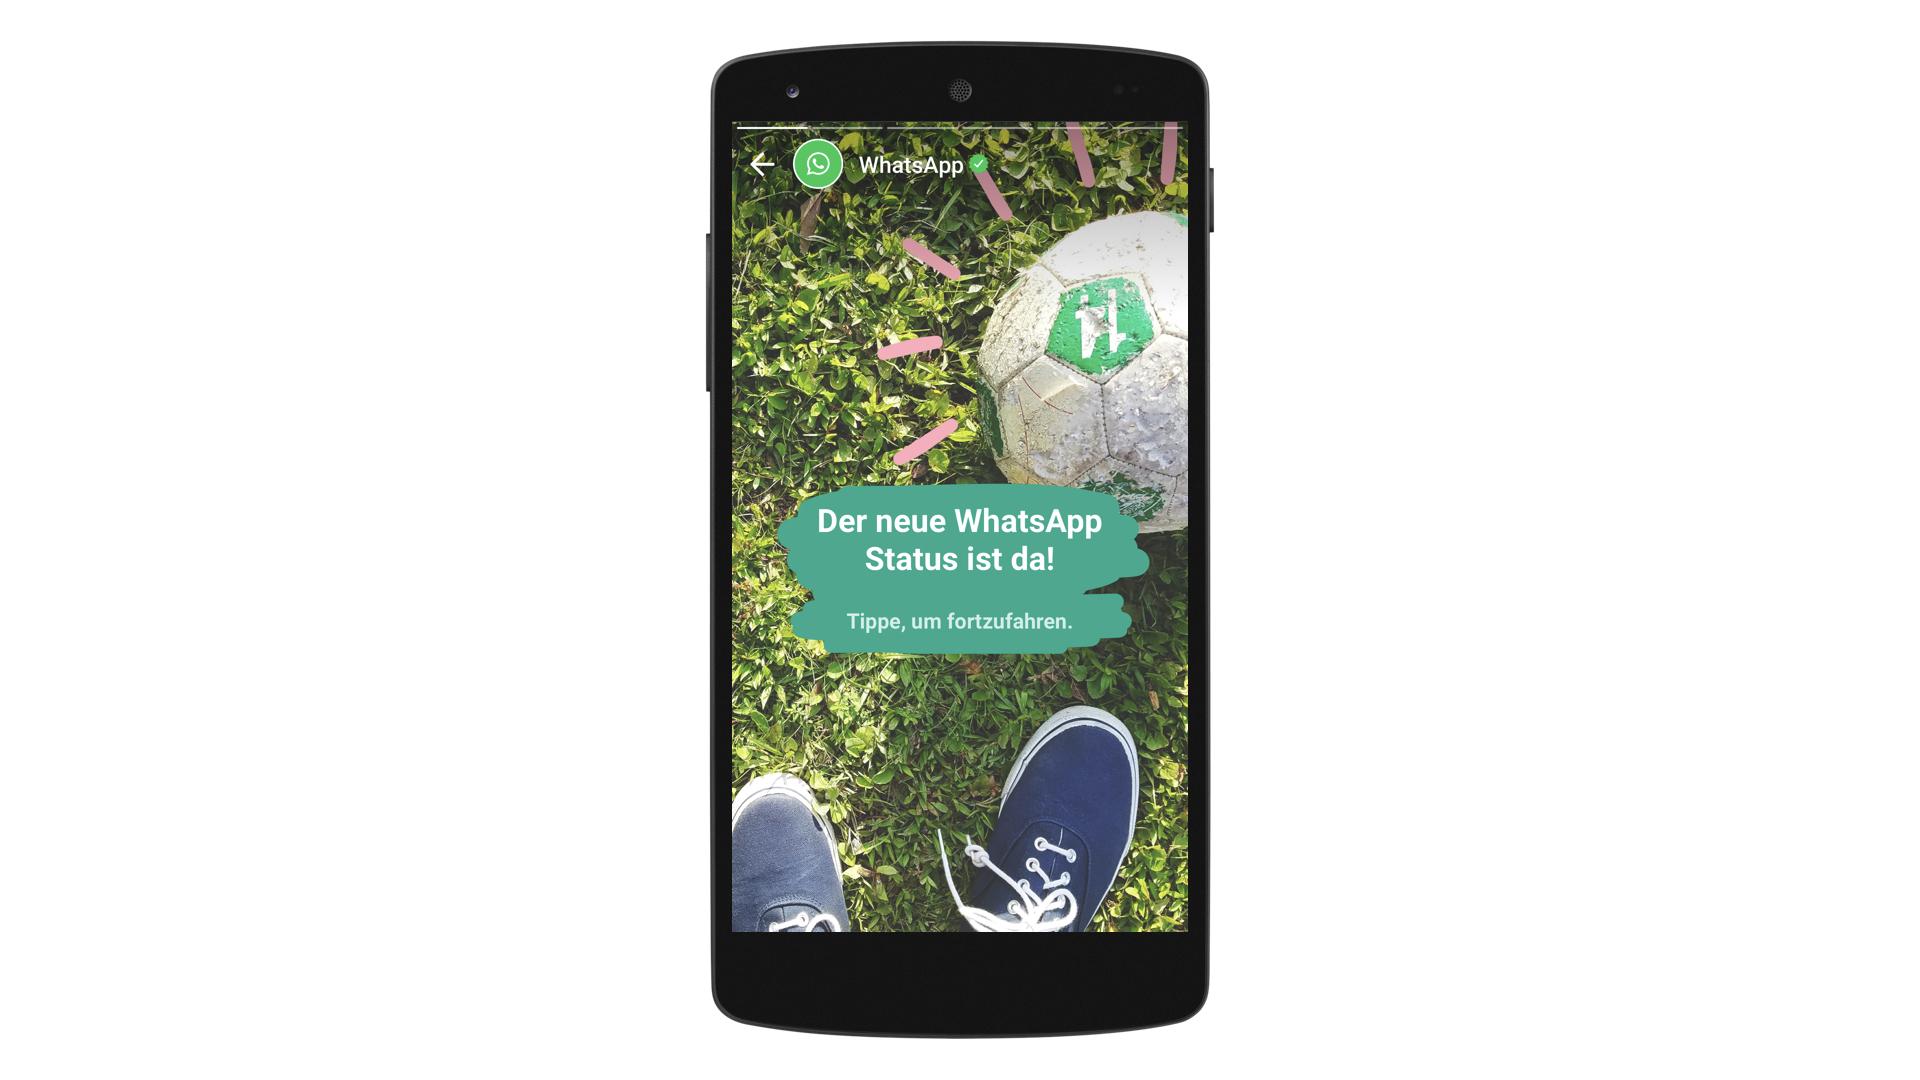 Whatsapp Status Die Details Zum Neuen Zentralen Whatsapp